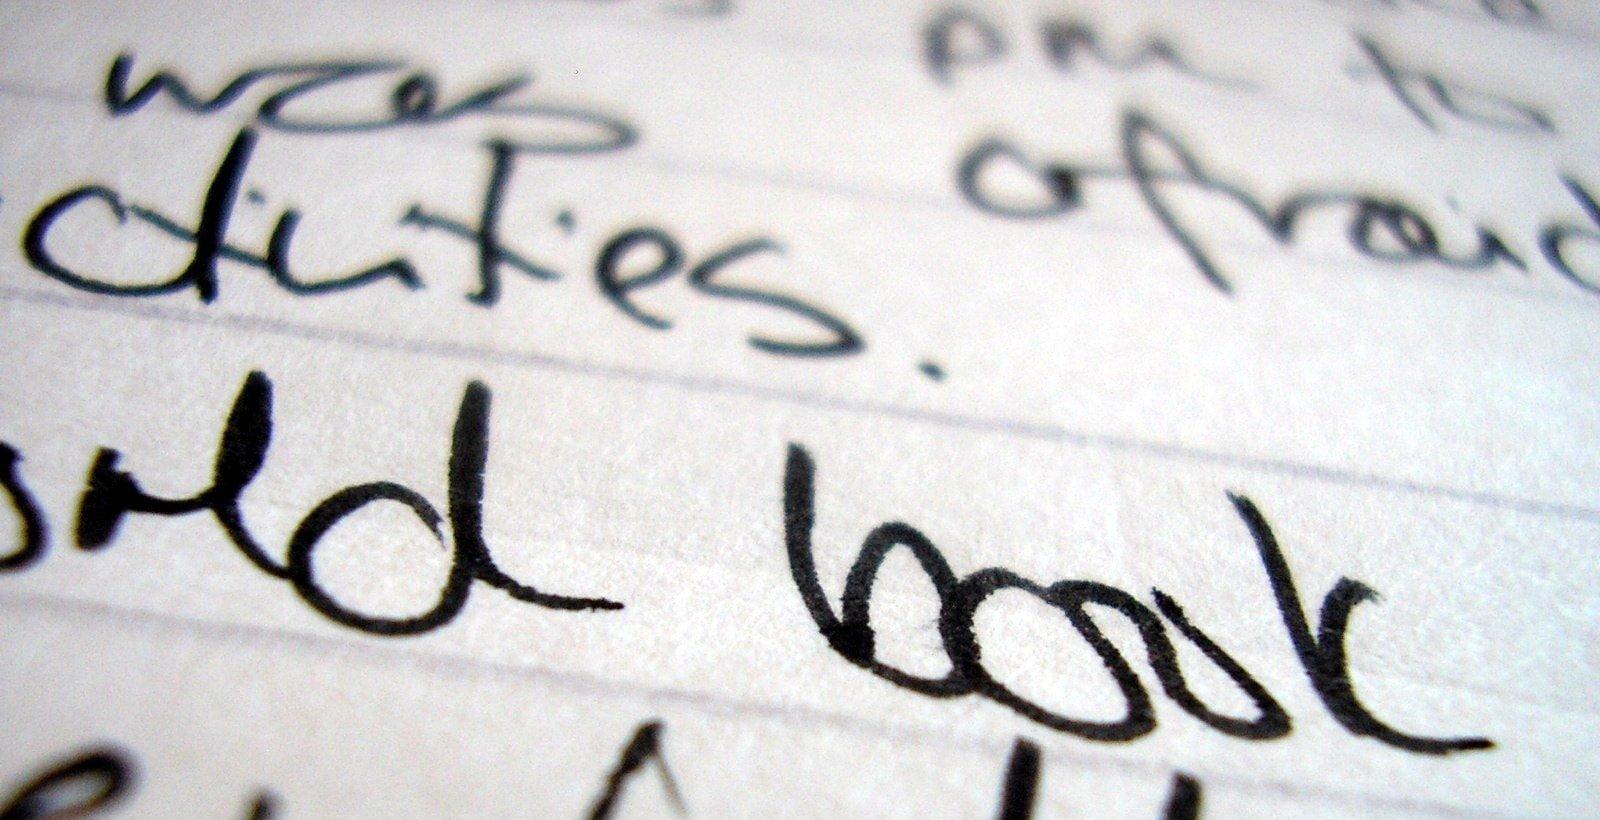 Poem: Leolyn's Diary